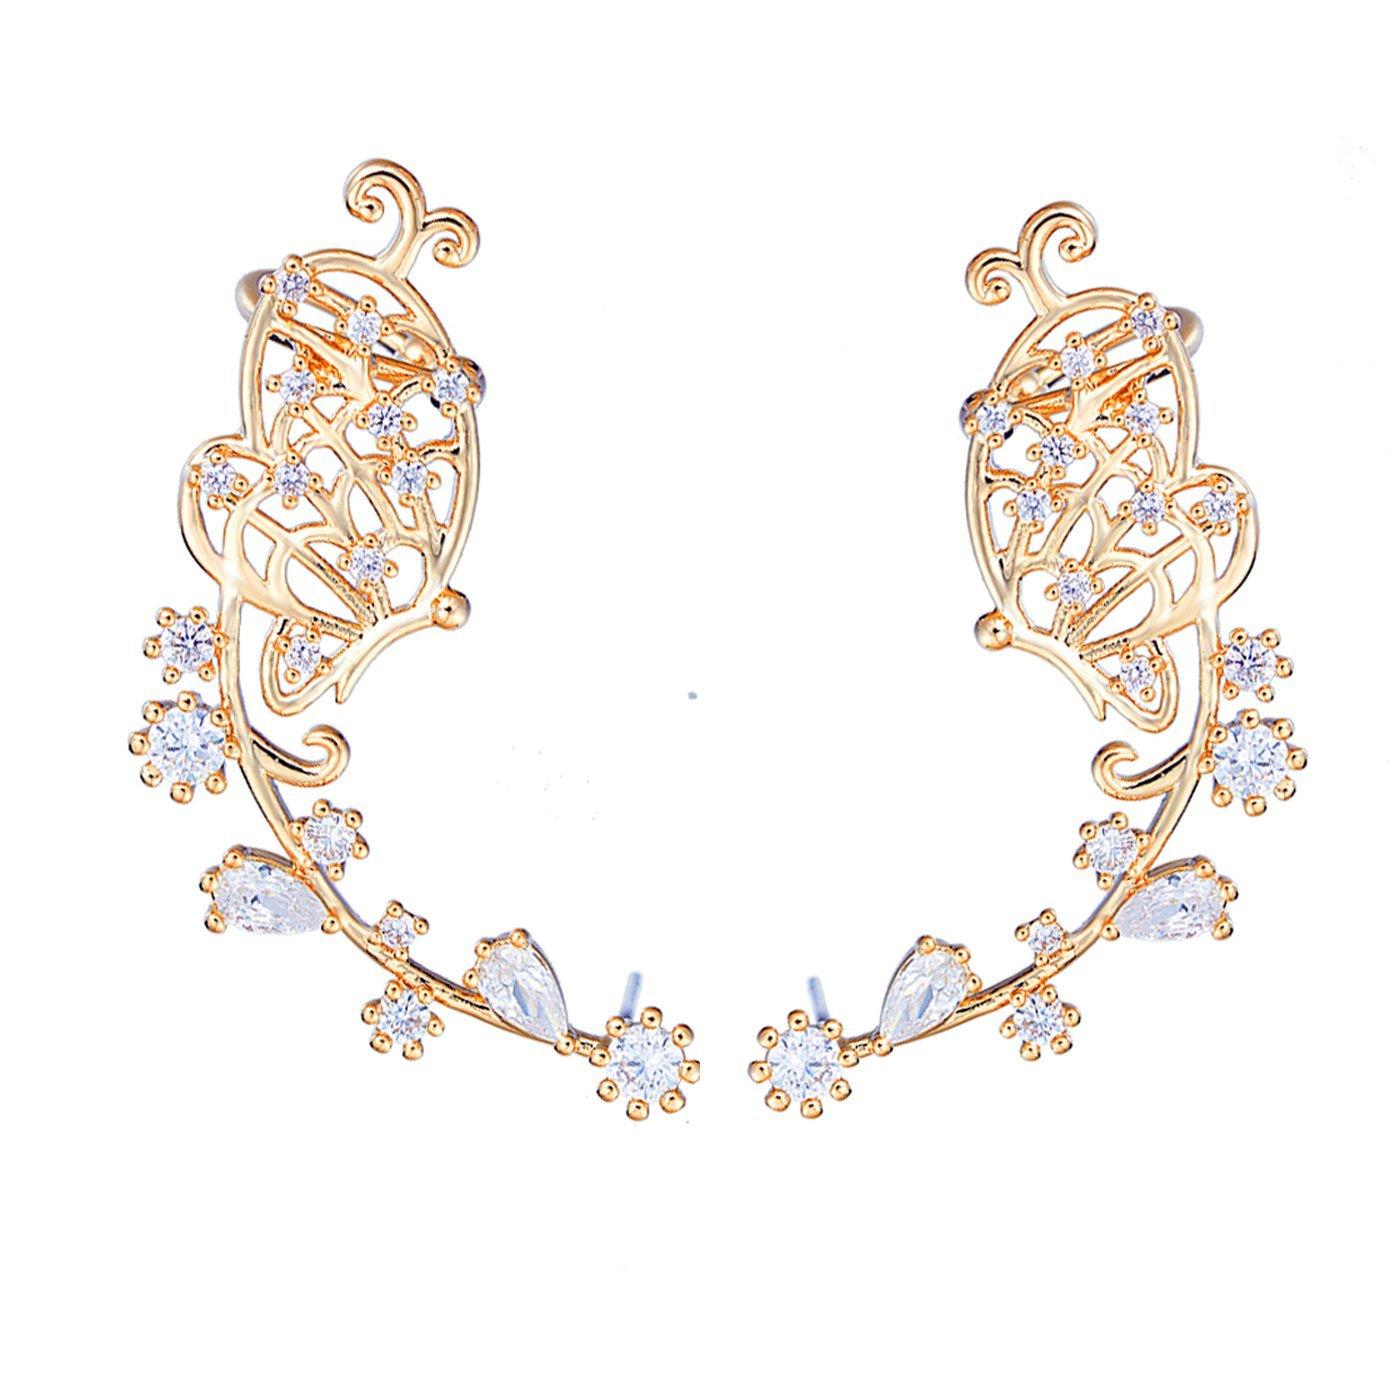 EAR VINES Butterfly Ear Cuff Pin CZ Crystal Ear Climbers Earrings earvine88